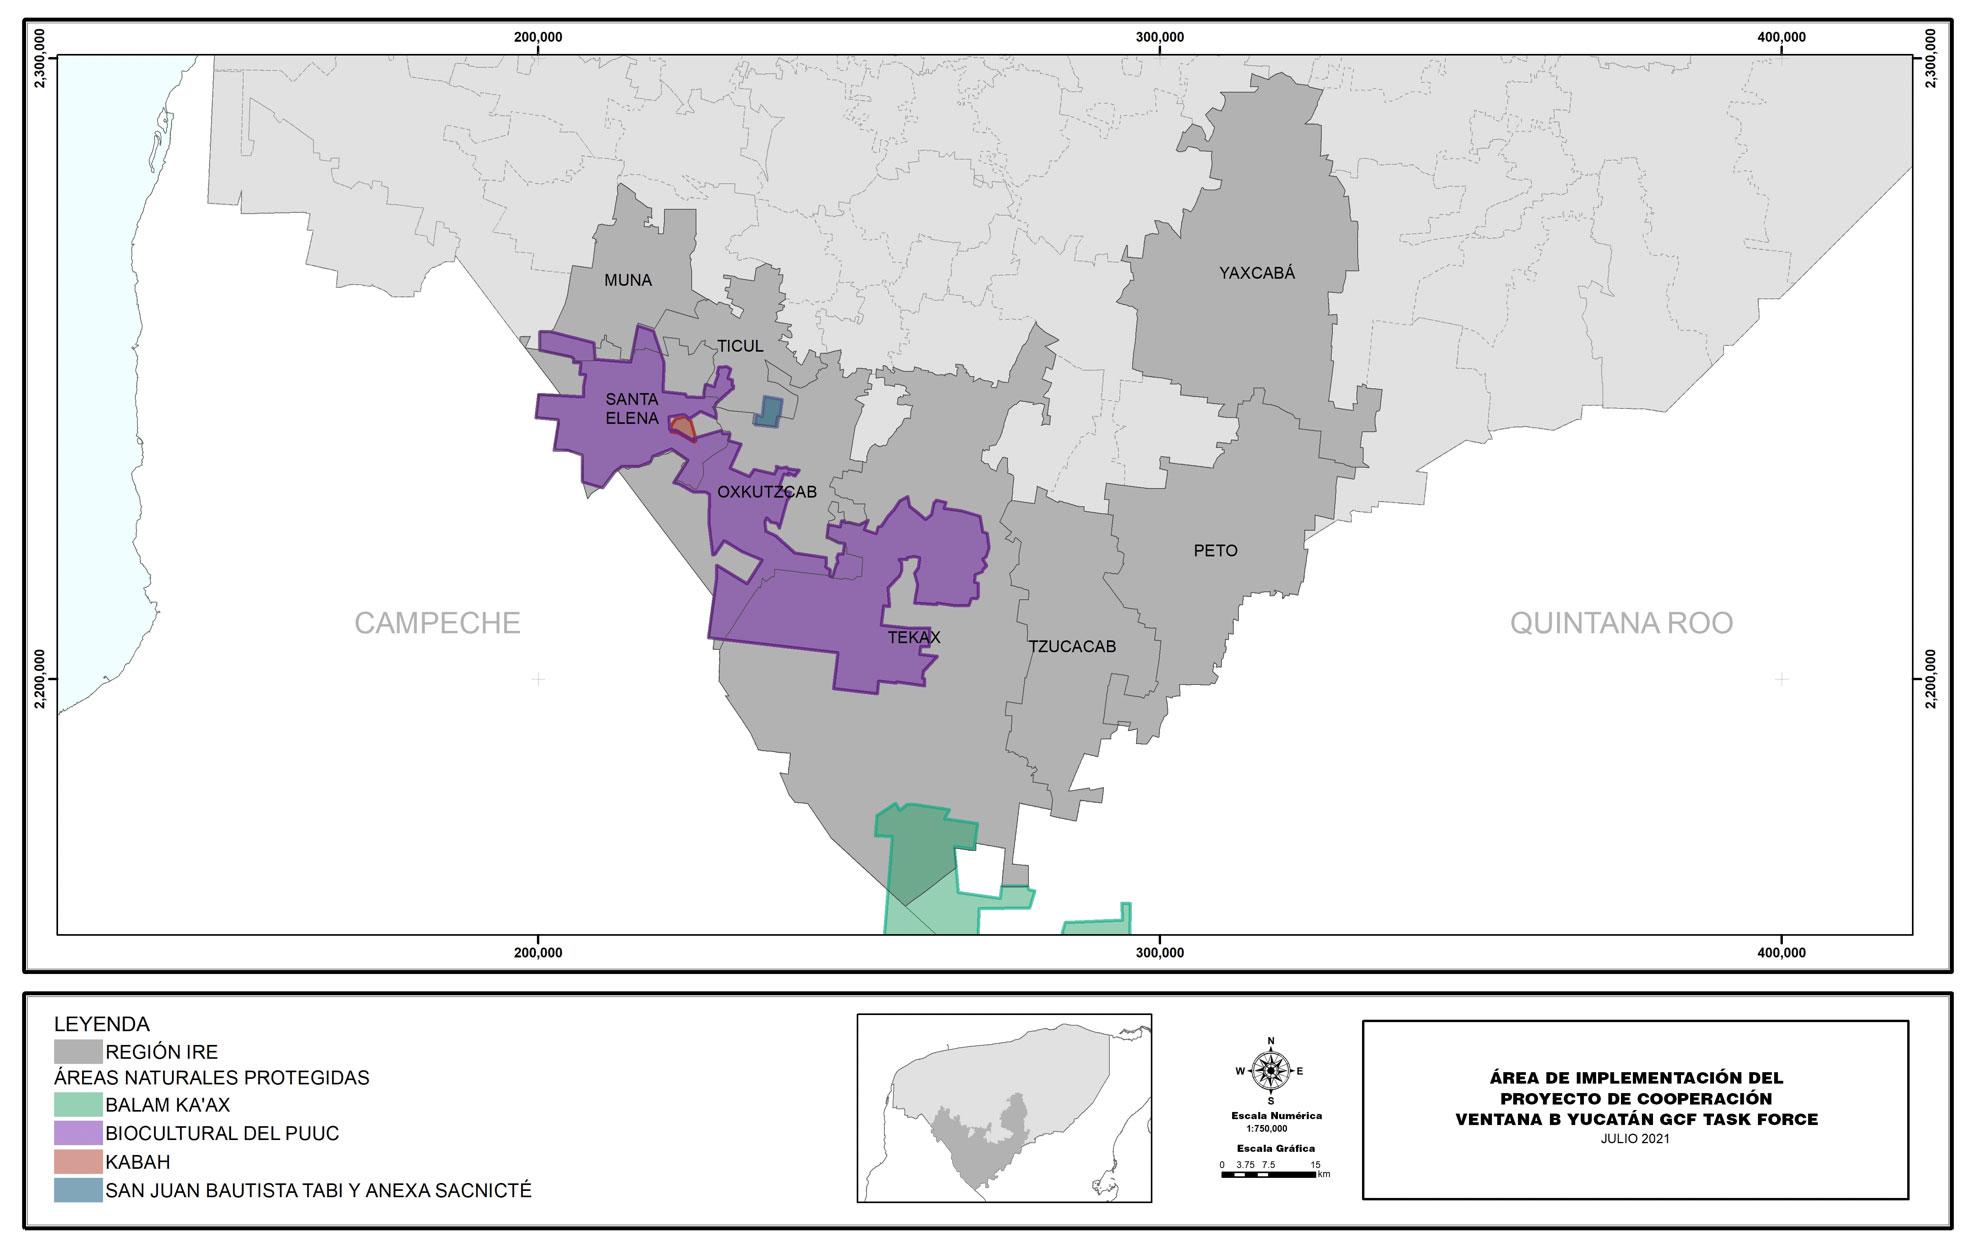 Mapa: área de intervención del proyecto